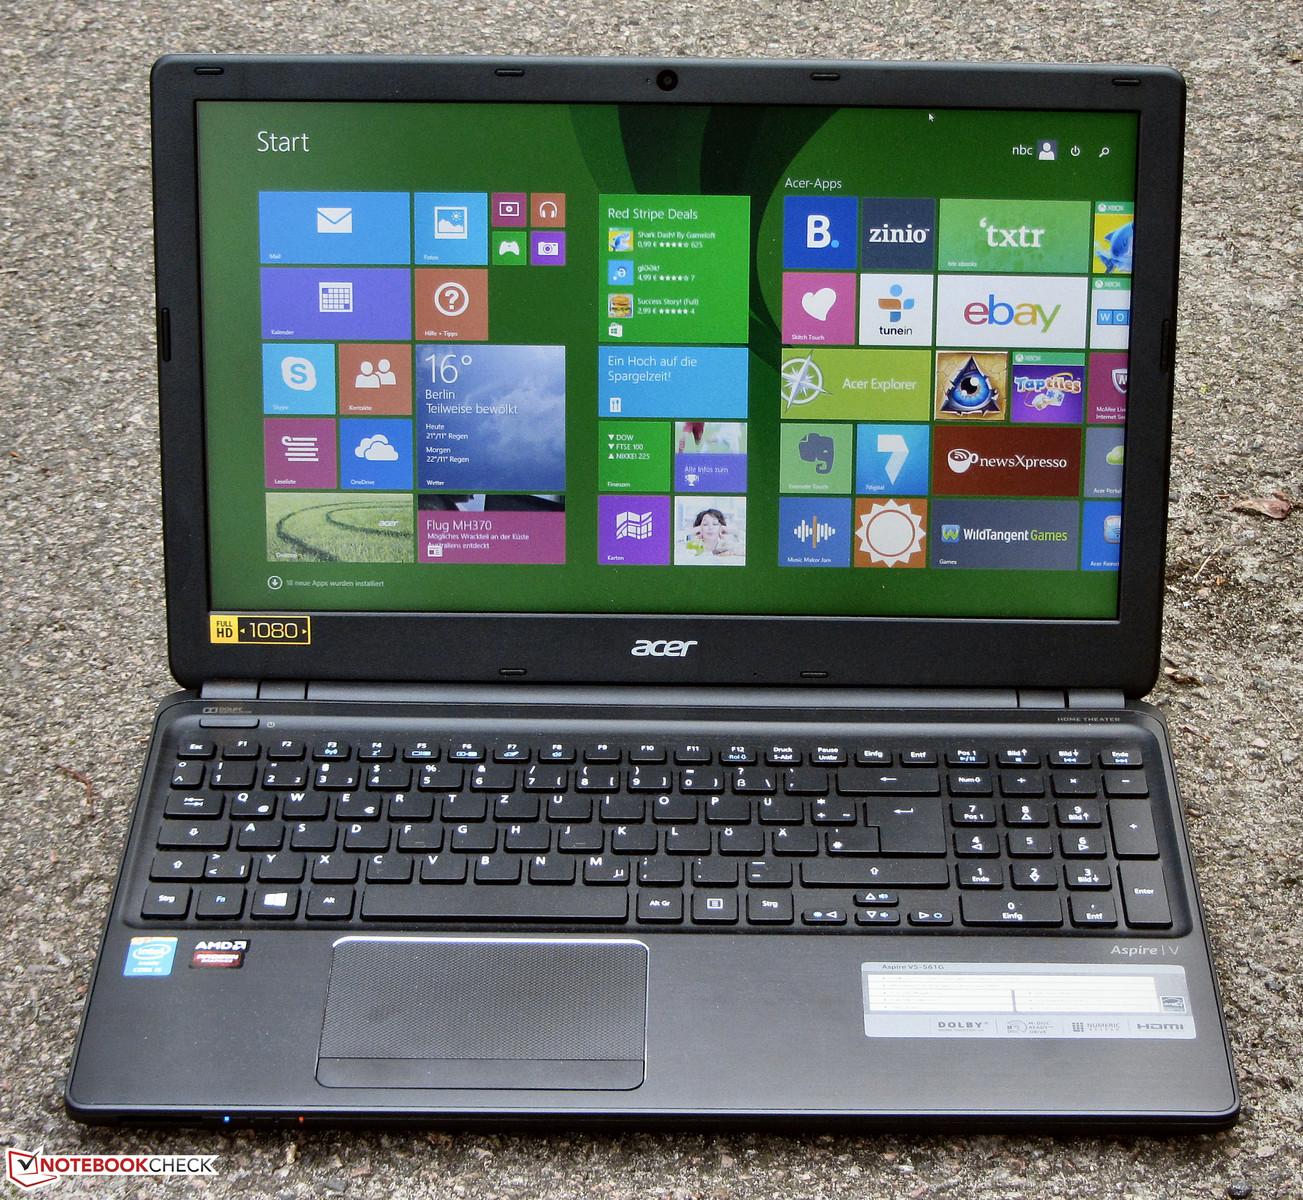 Обзор ноутбука Acer Aspire V5-561G - Notebookcheck-ru.com